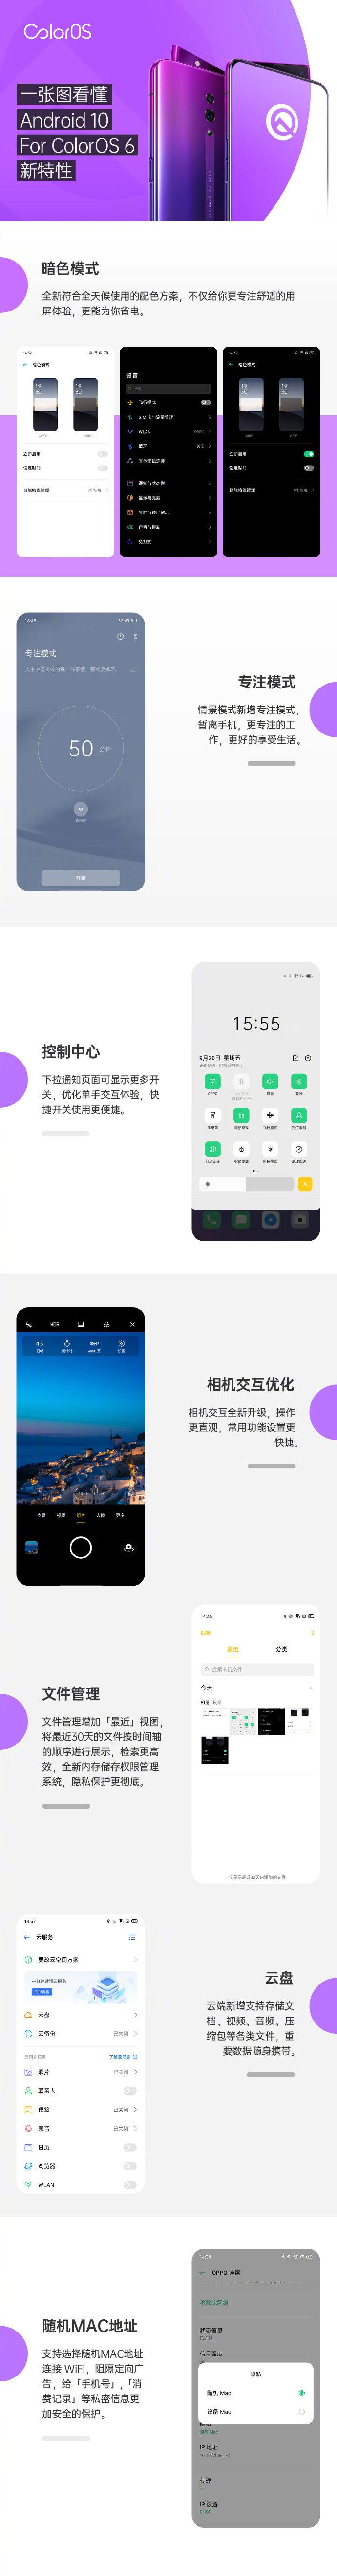 一张图看懂Android 10 For ColorOS 6新特性